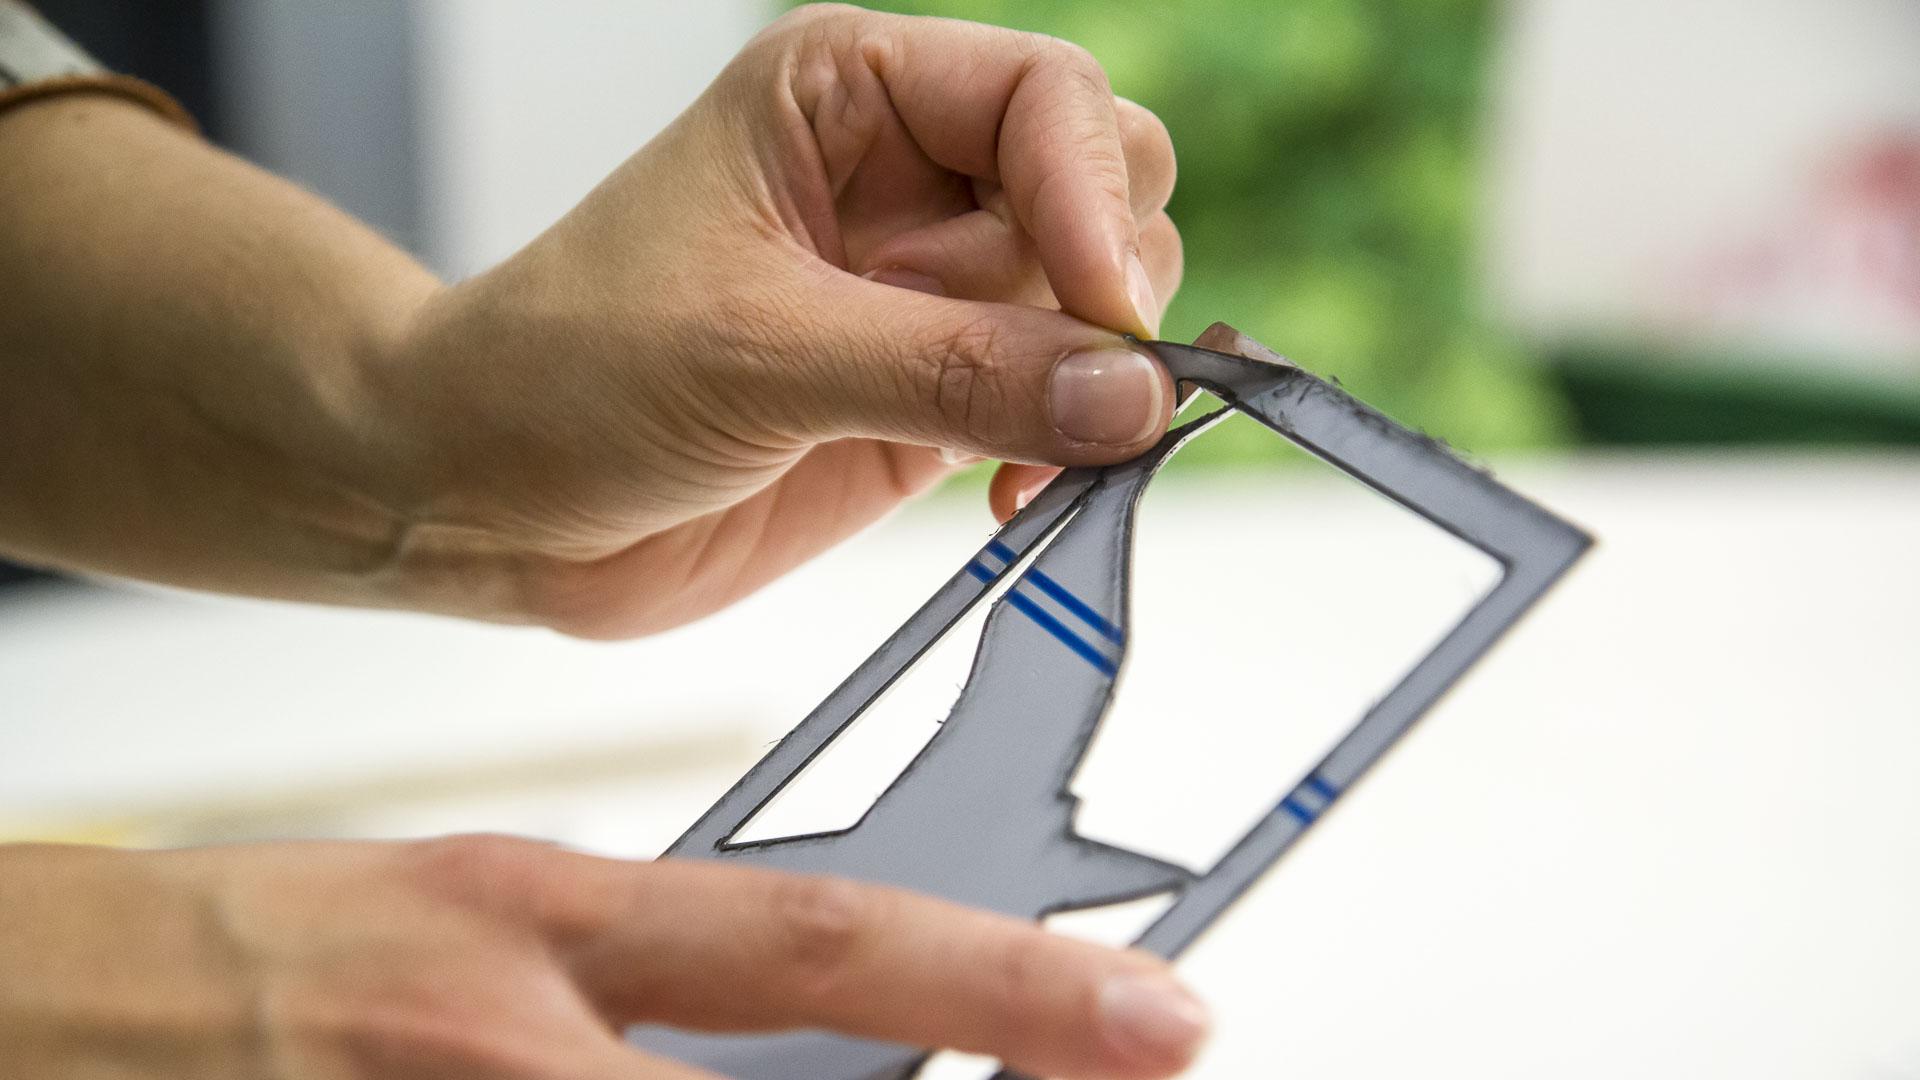 Décoller le film PVC de sa plaque de métal